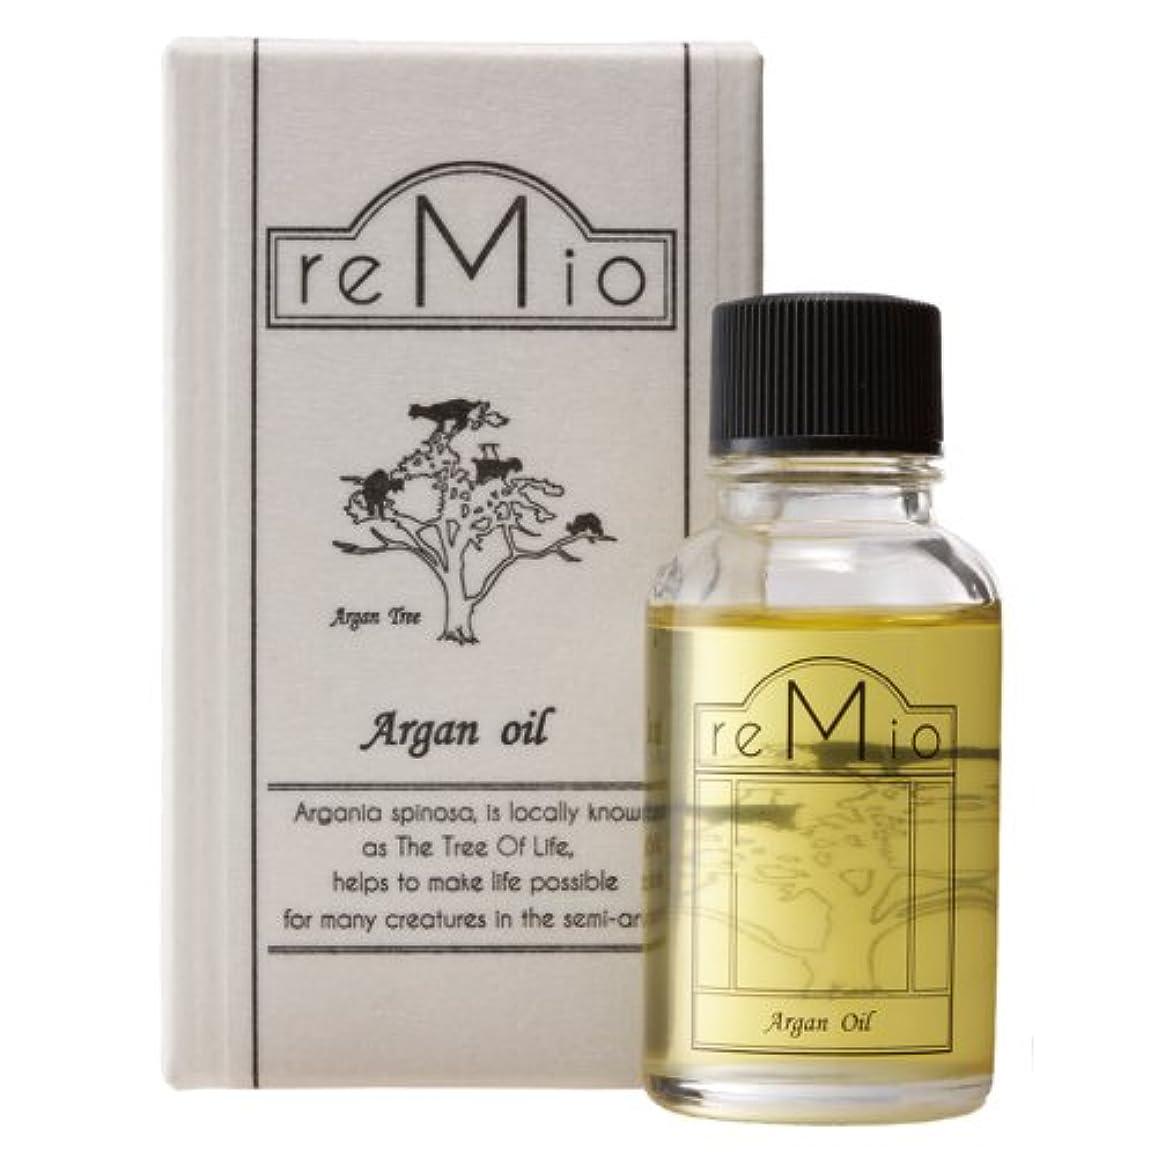 走るエコーレベルレミオ(REMIO) オーガニックアルガンオイル